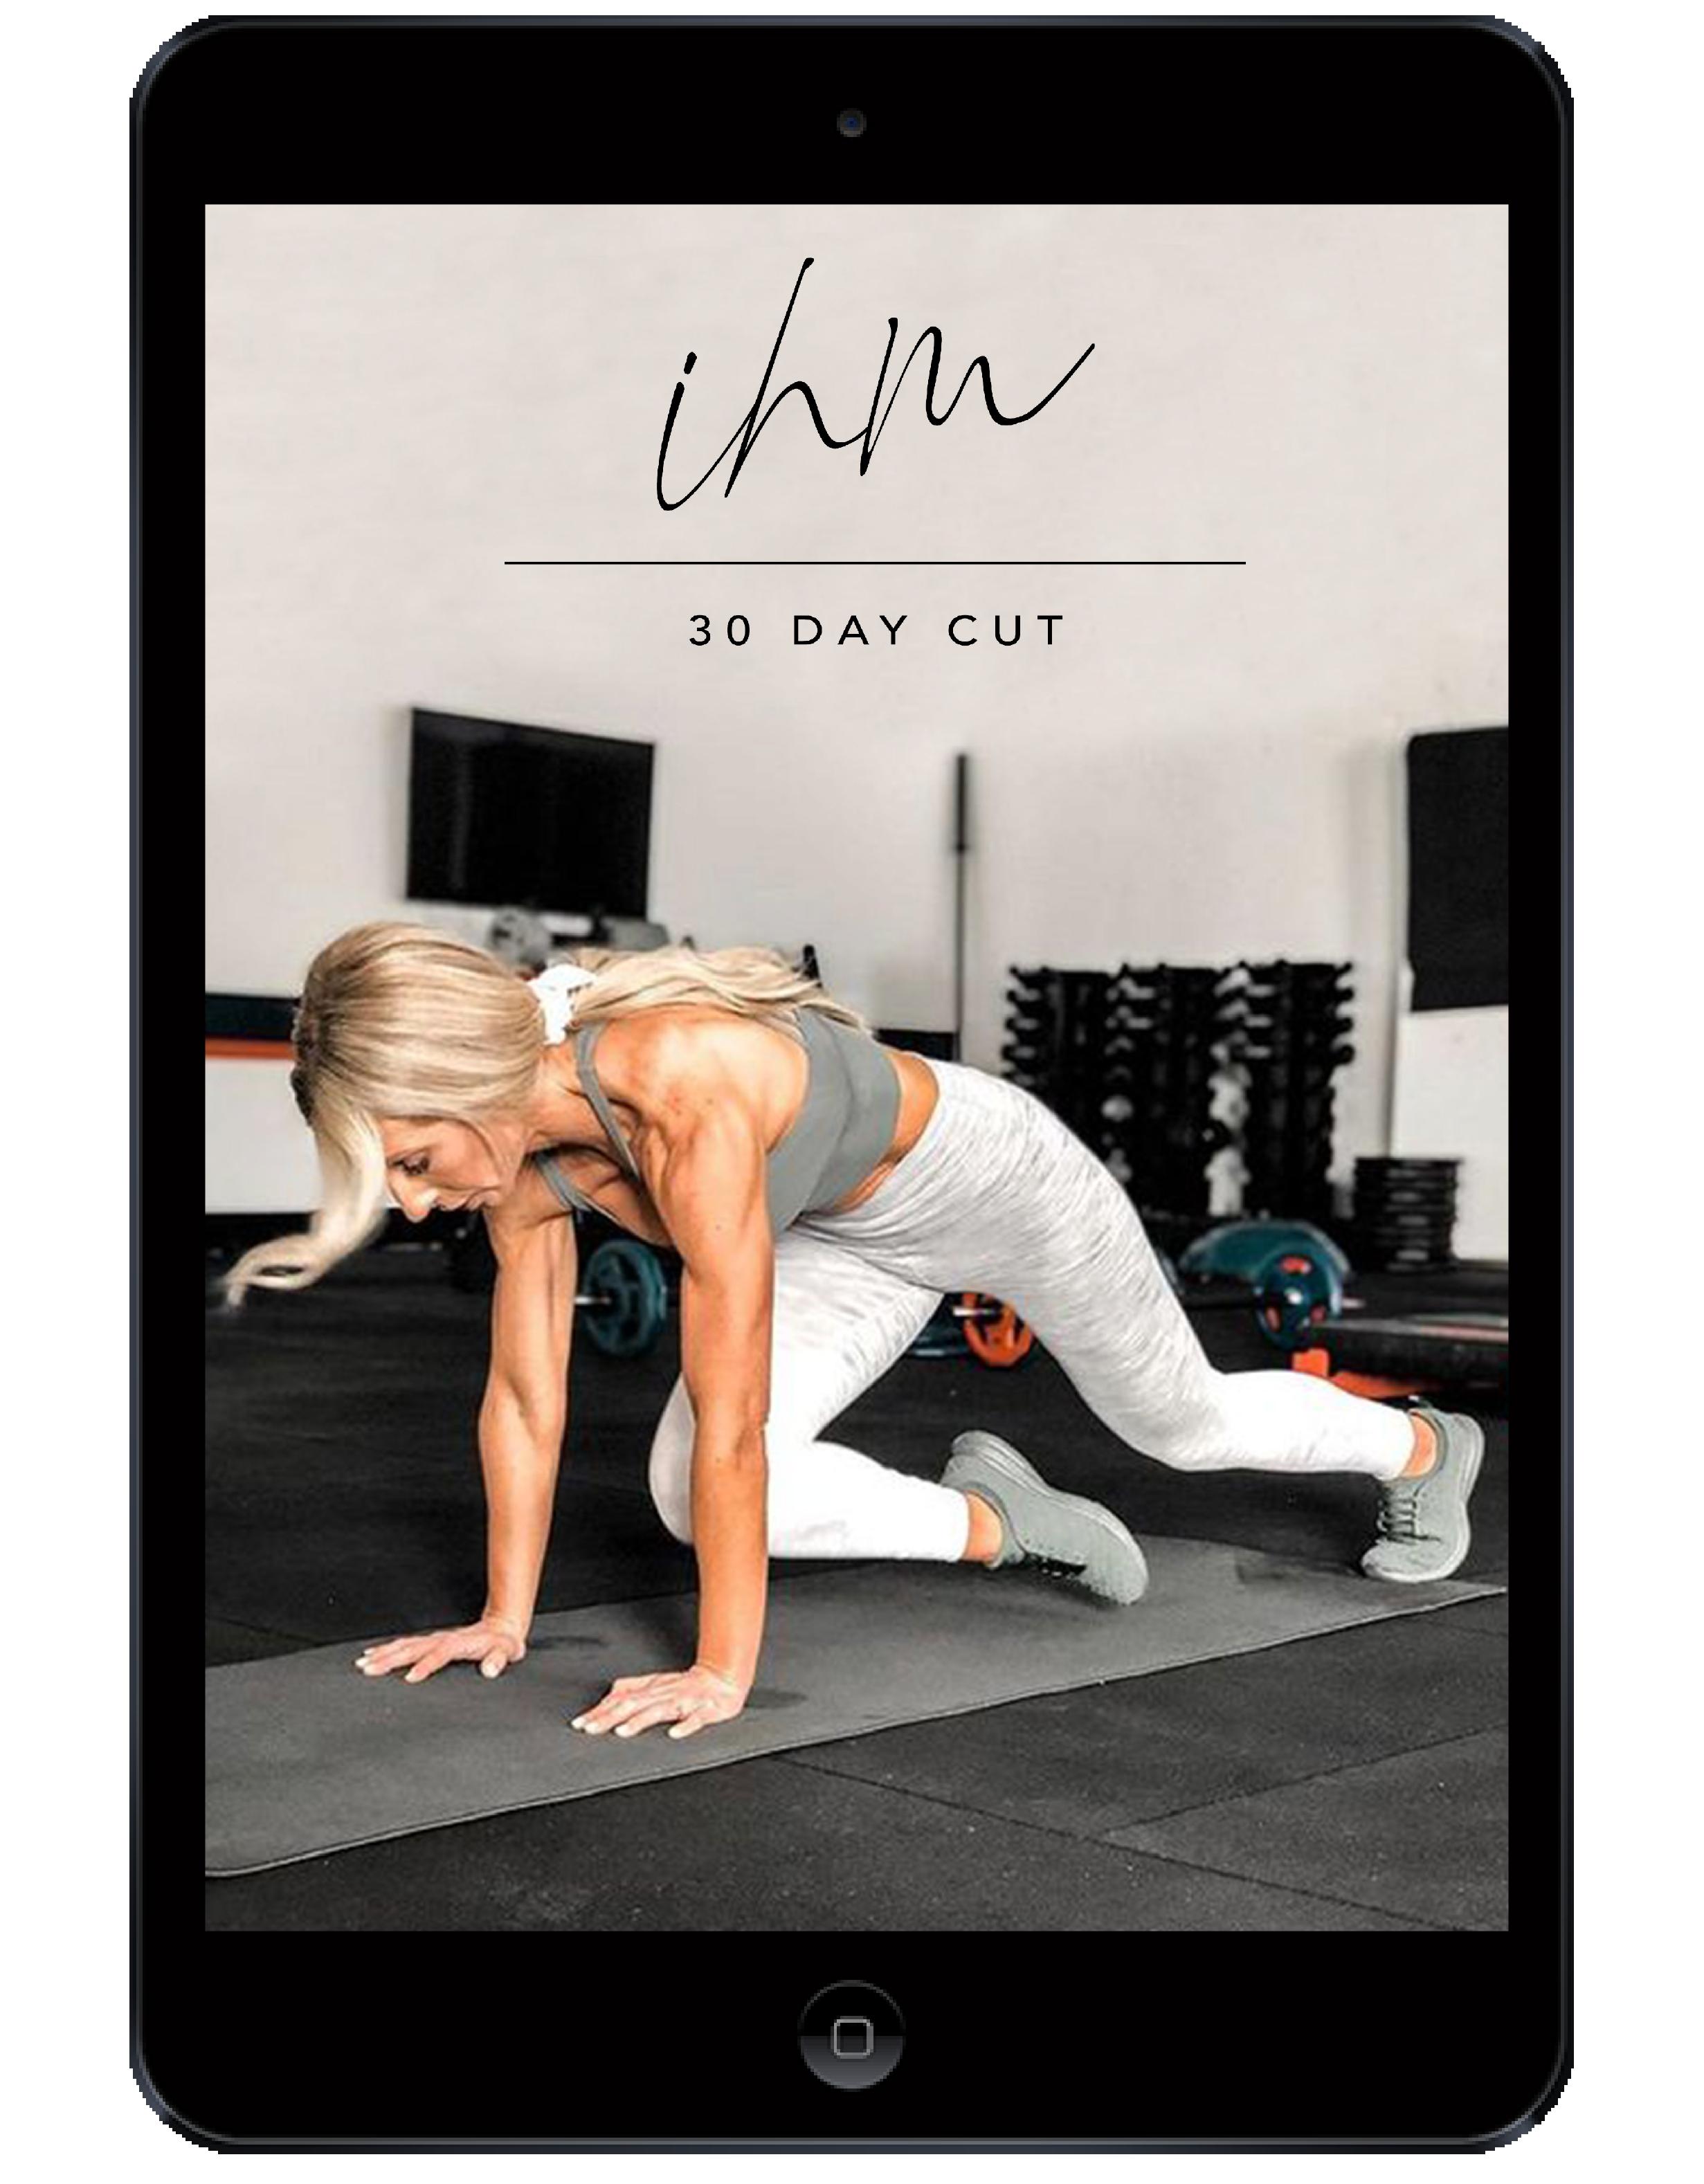 30 Day Cut